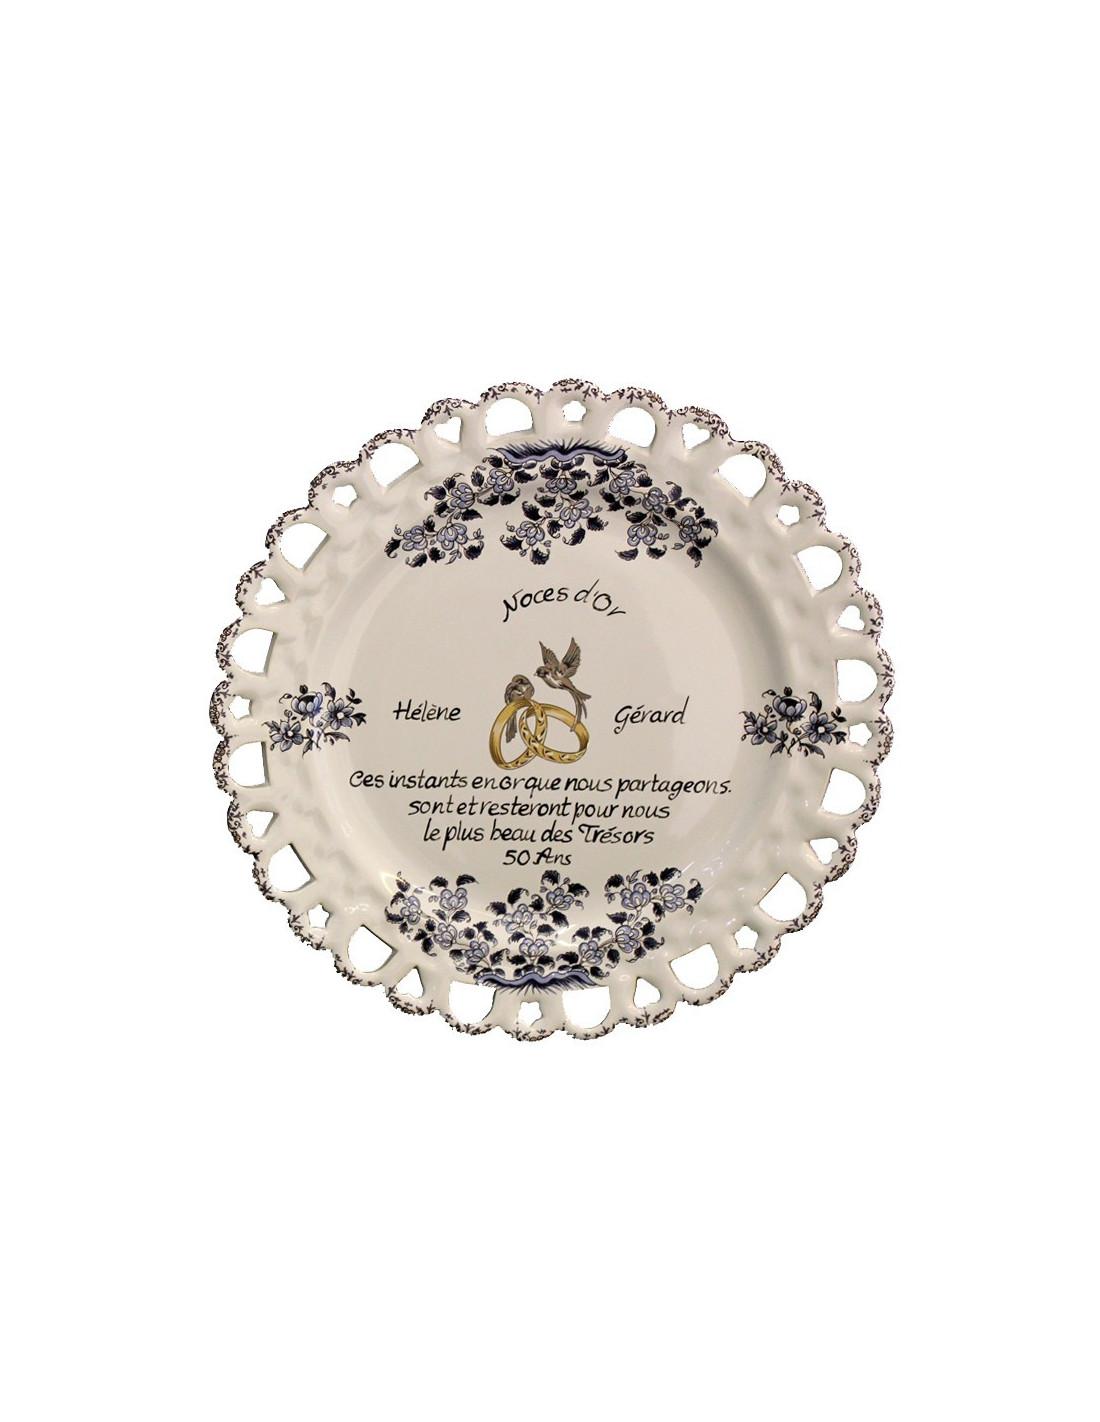 Assiette de mariage mod le tournesol d cor bleu po me - Decoration noce d or ...